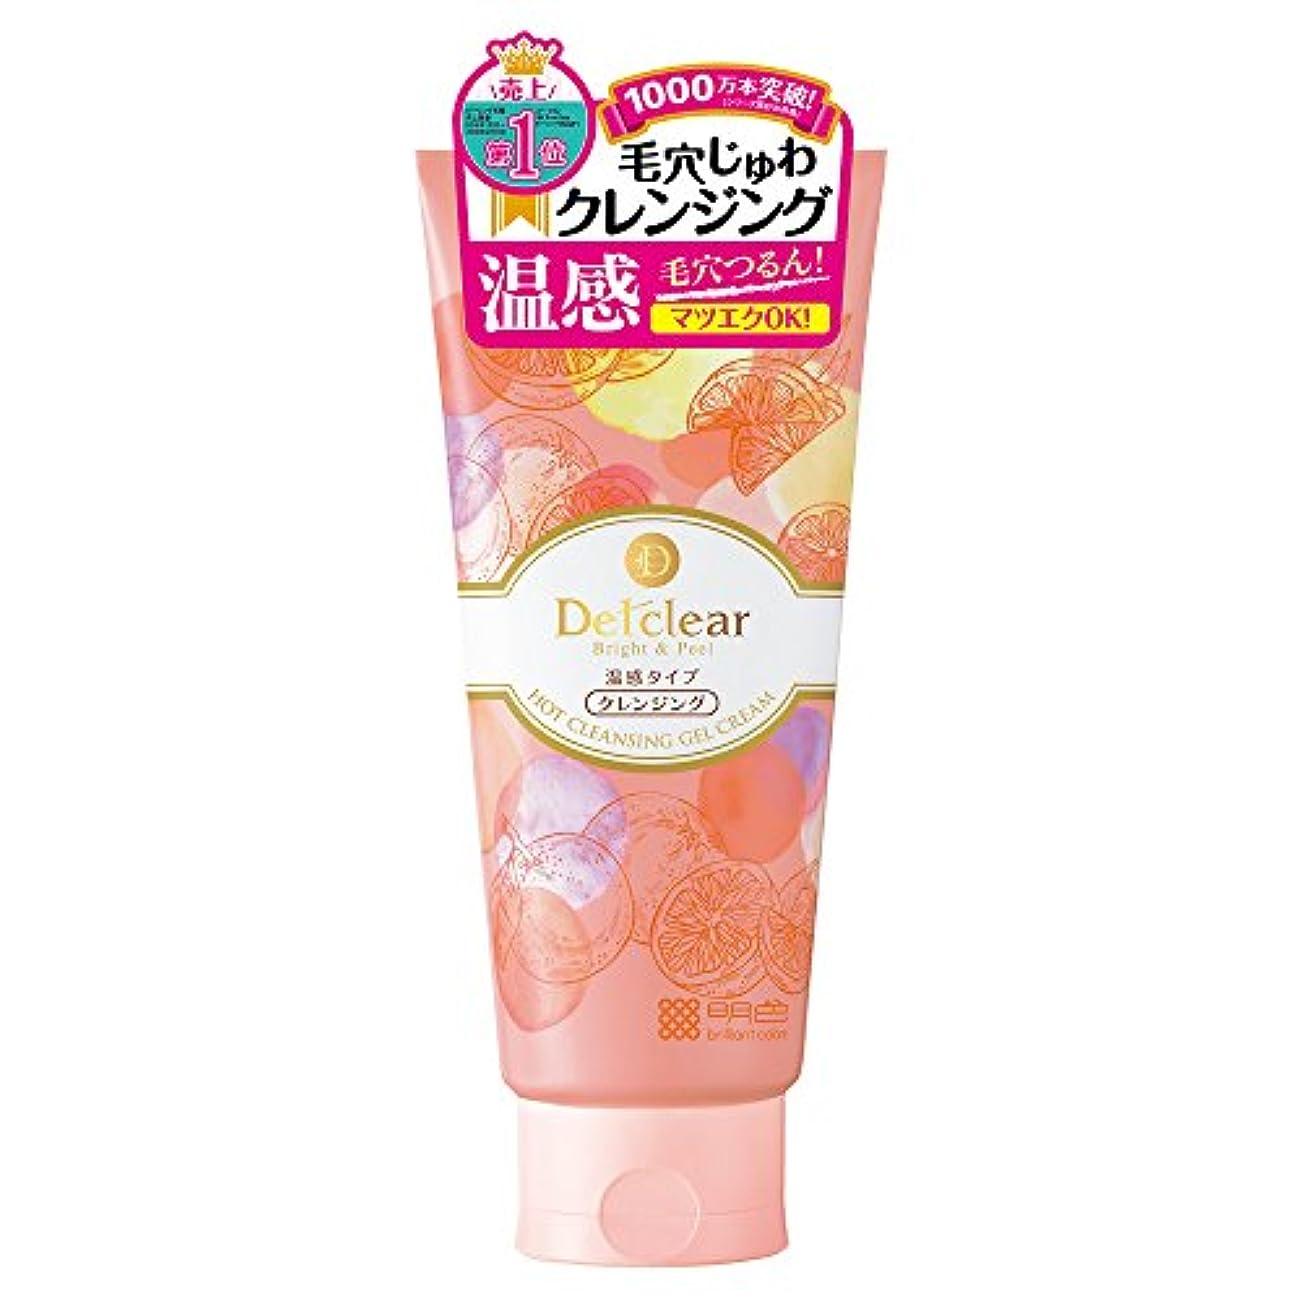 作り影響力のあるプロポーショナルDETクリア ブライト&ピール ホットクレンジング ジェルクリーム 200g (日本製) ベルガモットオレンジの香り